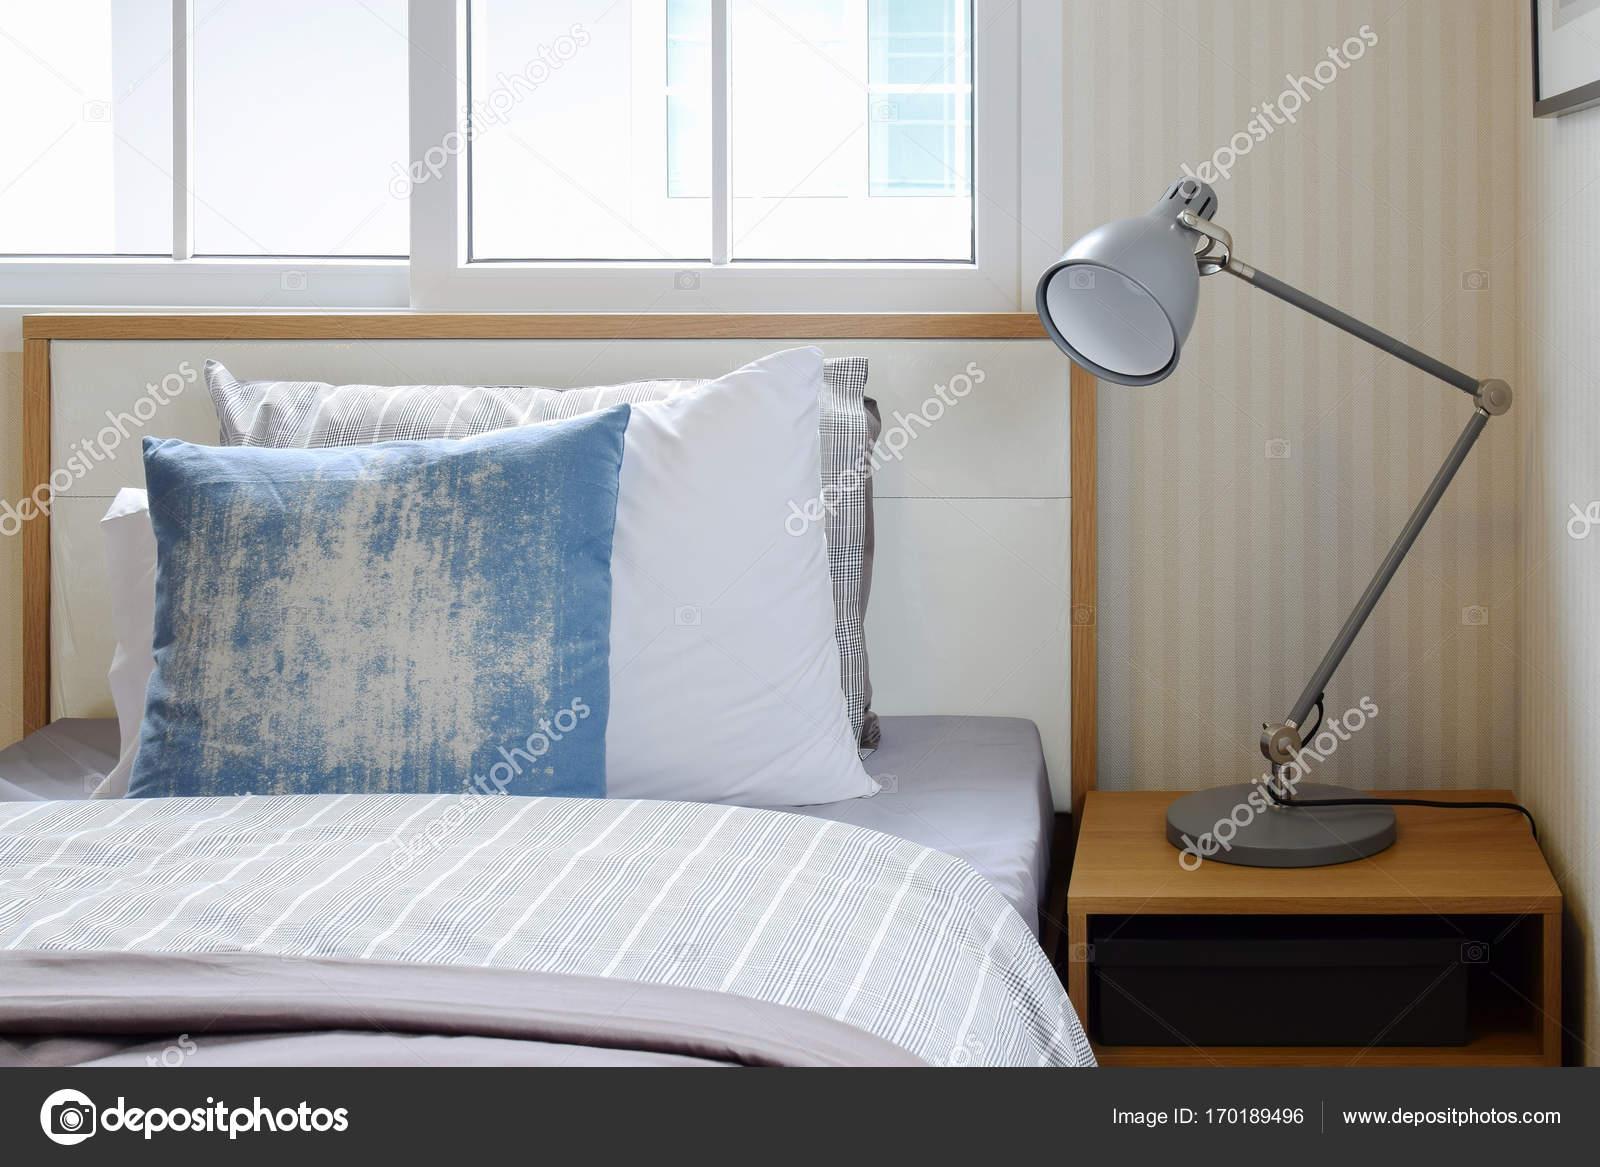 Gemütliche Schlafzimmer Interieur mit Kissen und Leselampe auf ...